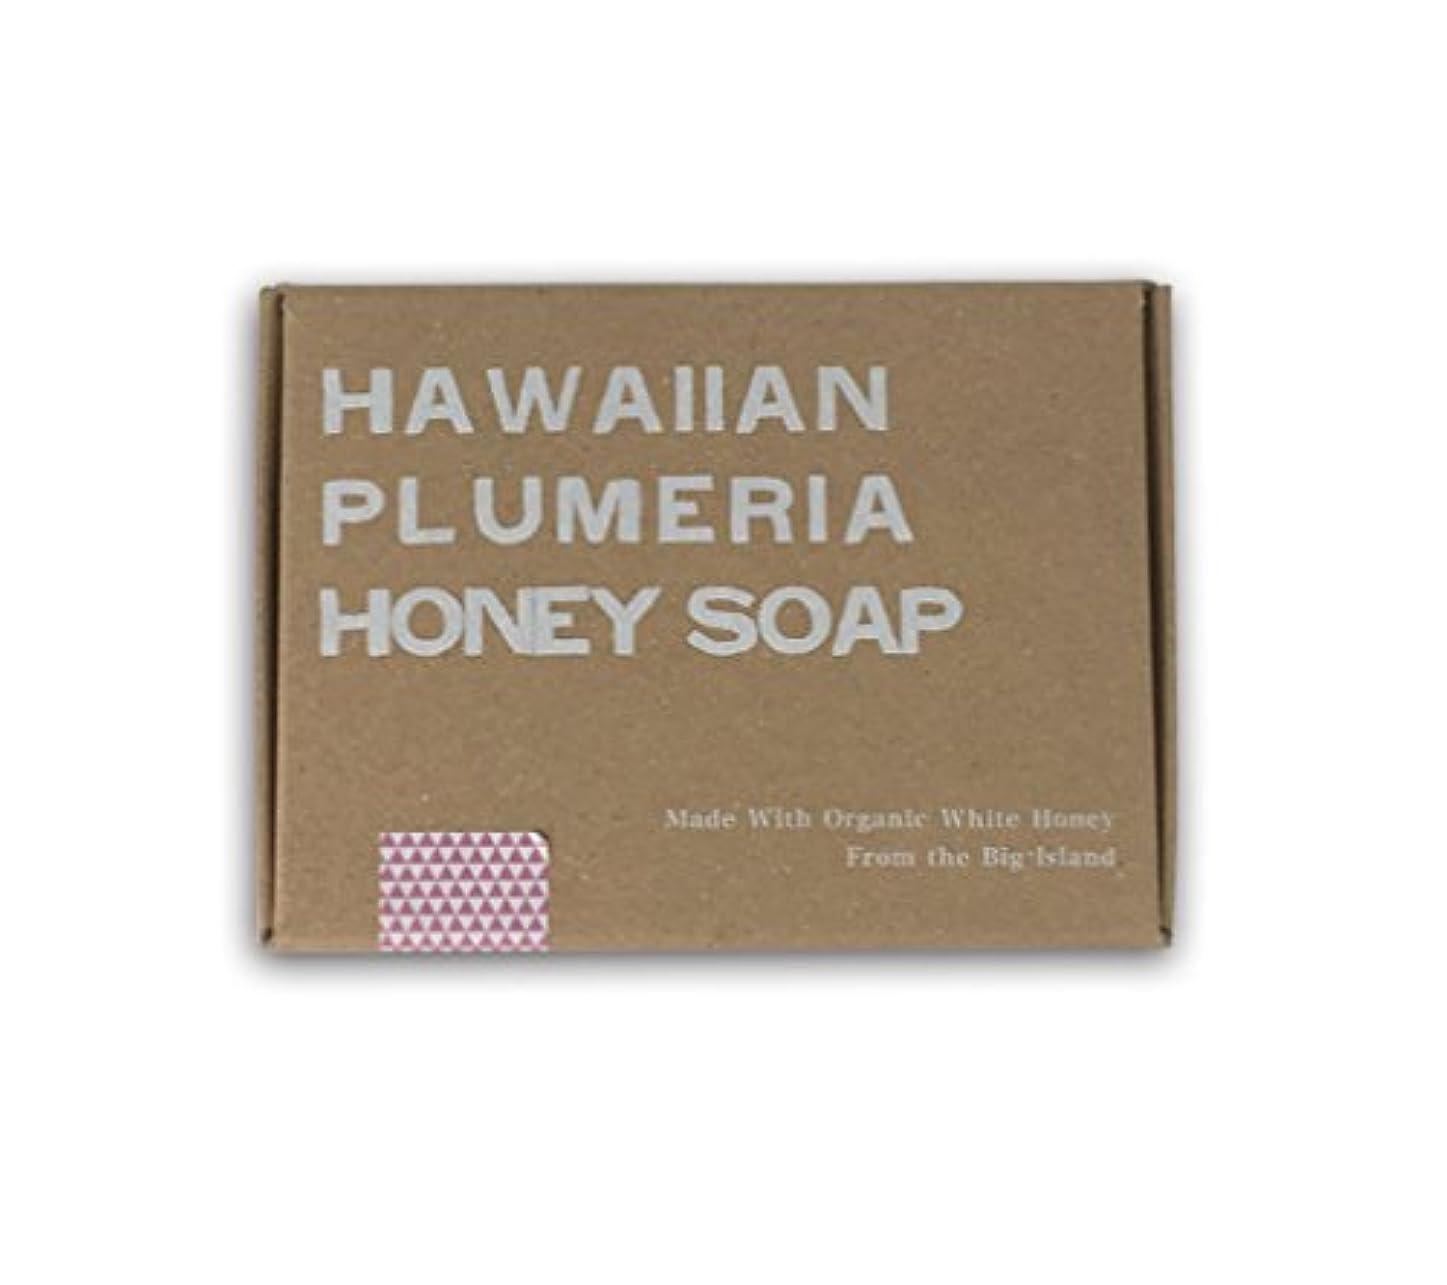 謝罪するおなじみの昨日ホワイトハニーオーガニクス ハワイアン?プルメリア?ハニーソープ (Hawaiian Plumeria Honey Soap)